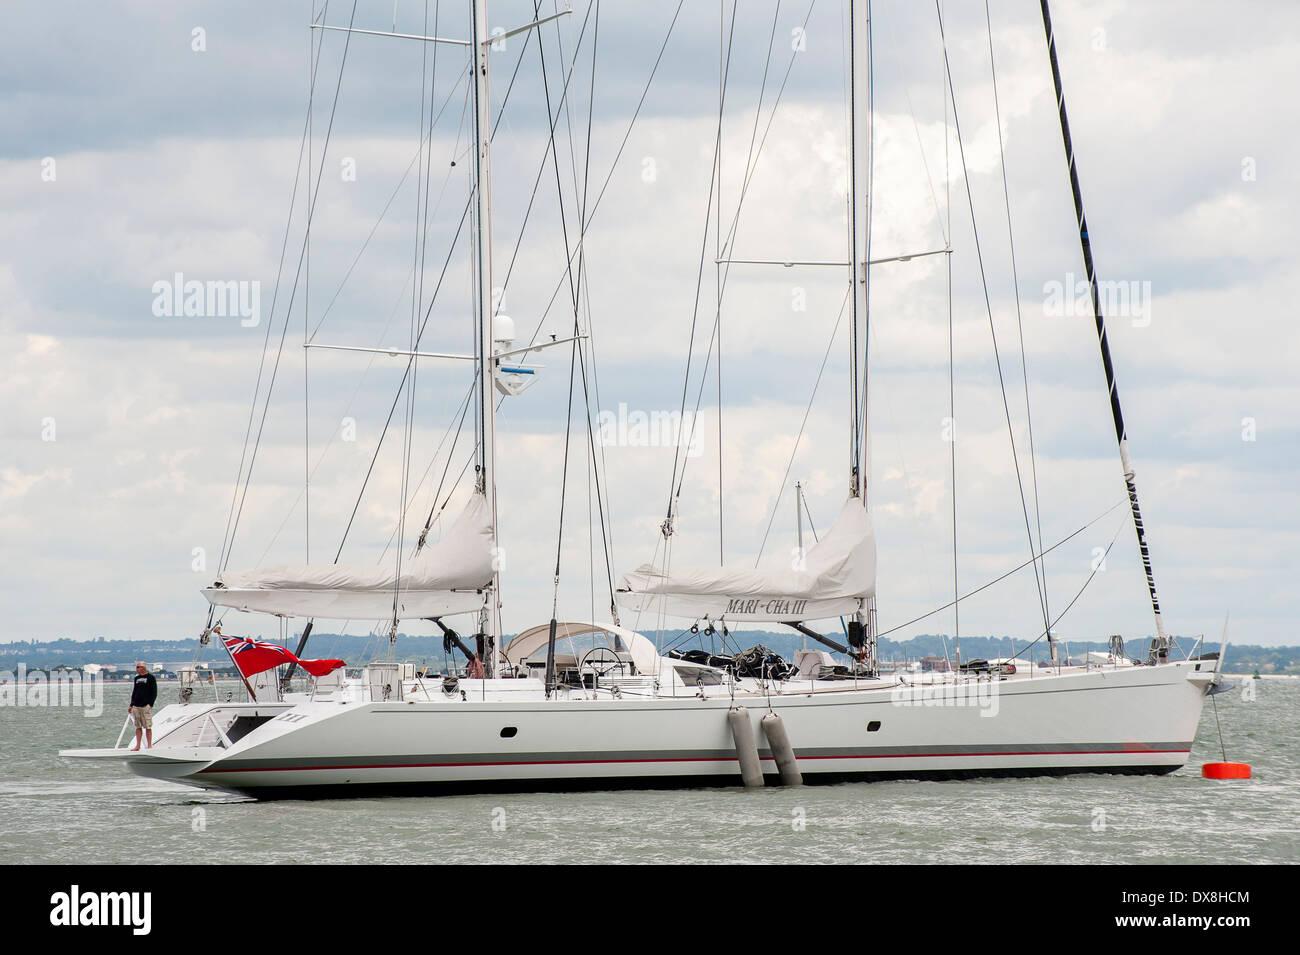 Mari Cha 111 superyacht légendaire de la voile au large de la côte de l'île de Wight, Angleterre. Photo Stock